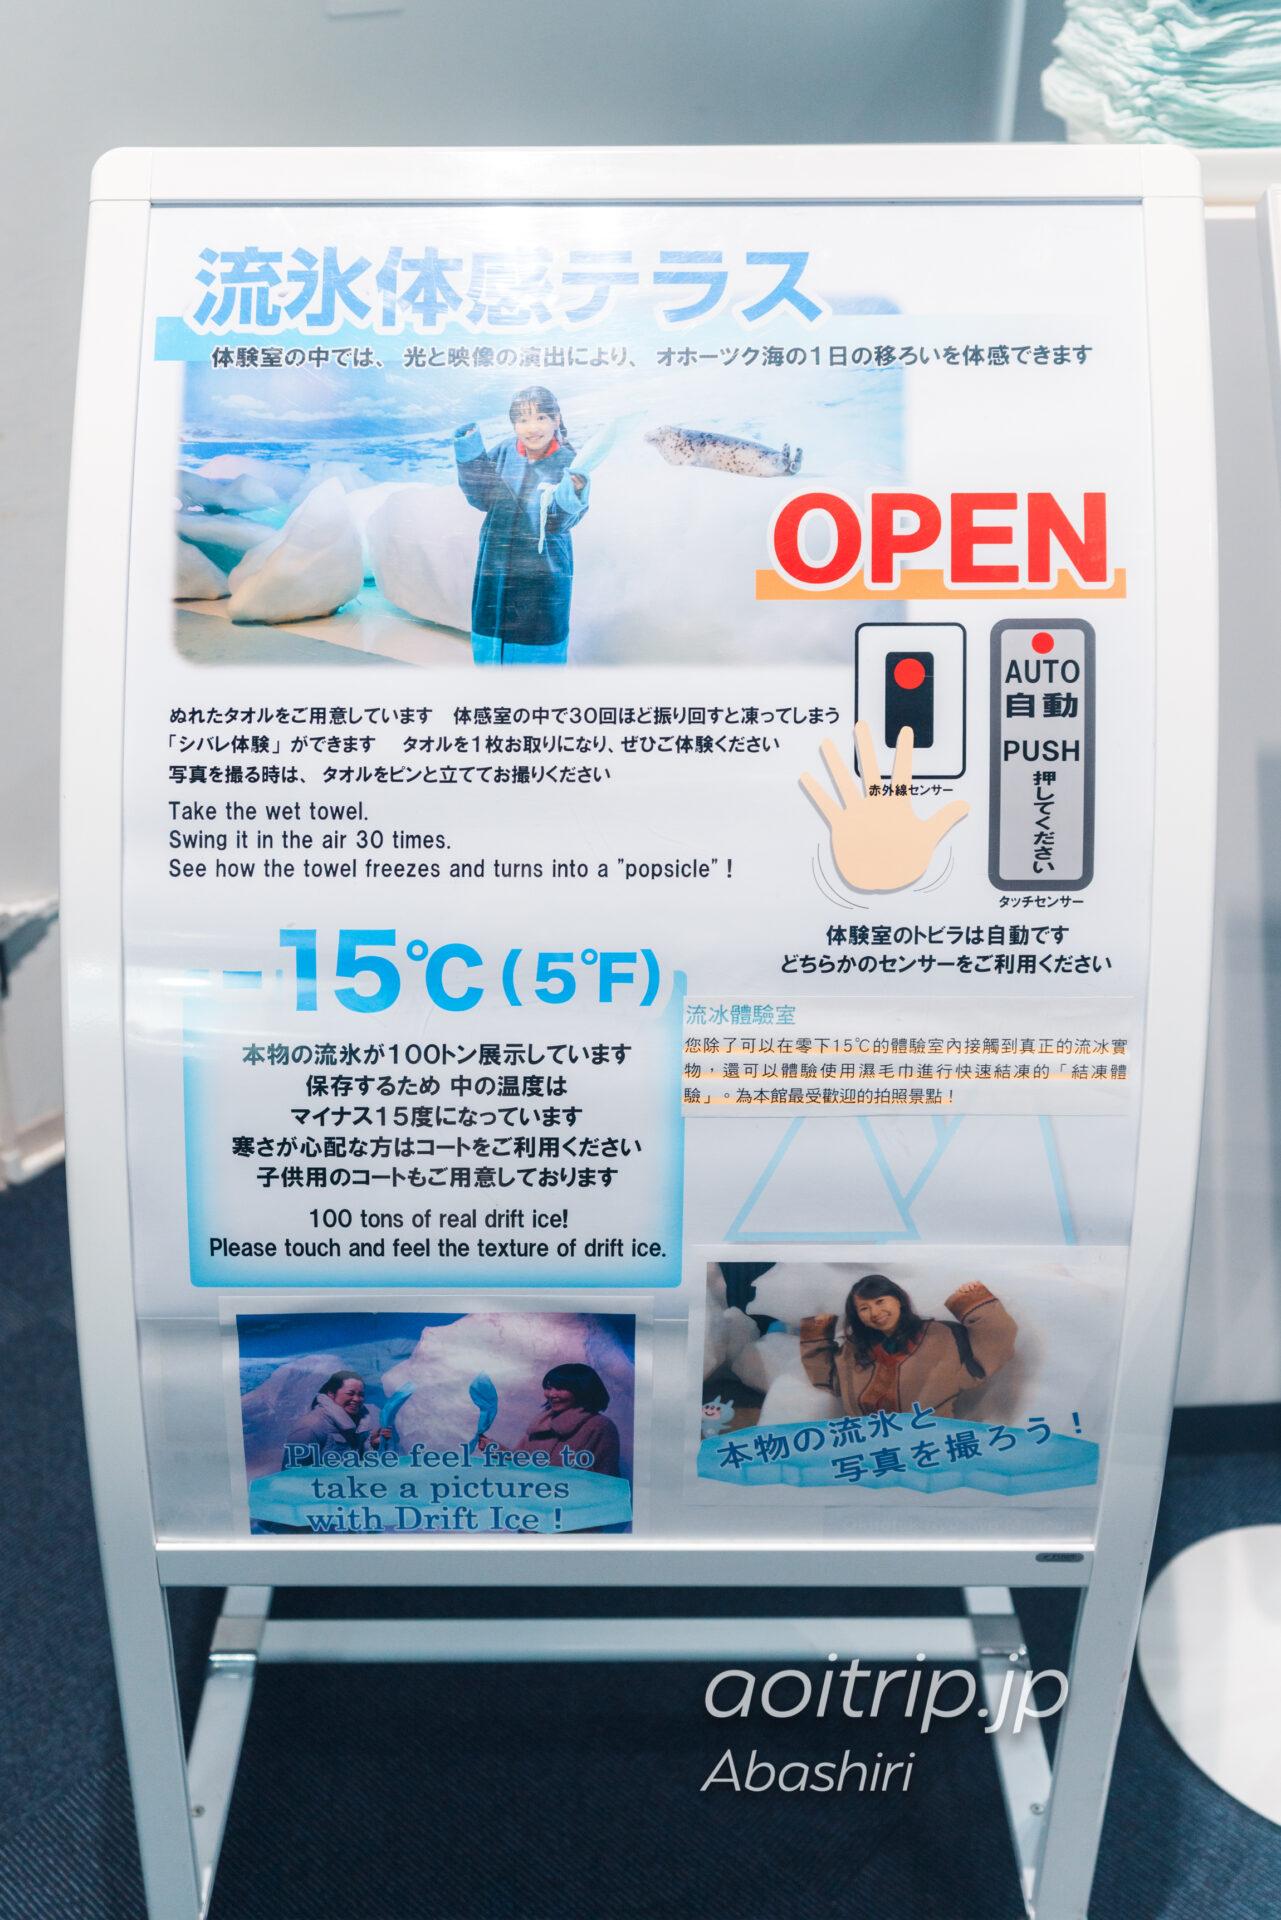 網走のオホーツク流氷館 Okhotsk Ryu-hyo Museum 流氷体感テラス Drift Ice Experience Room -15℃